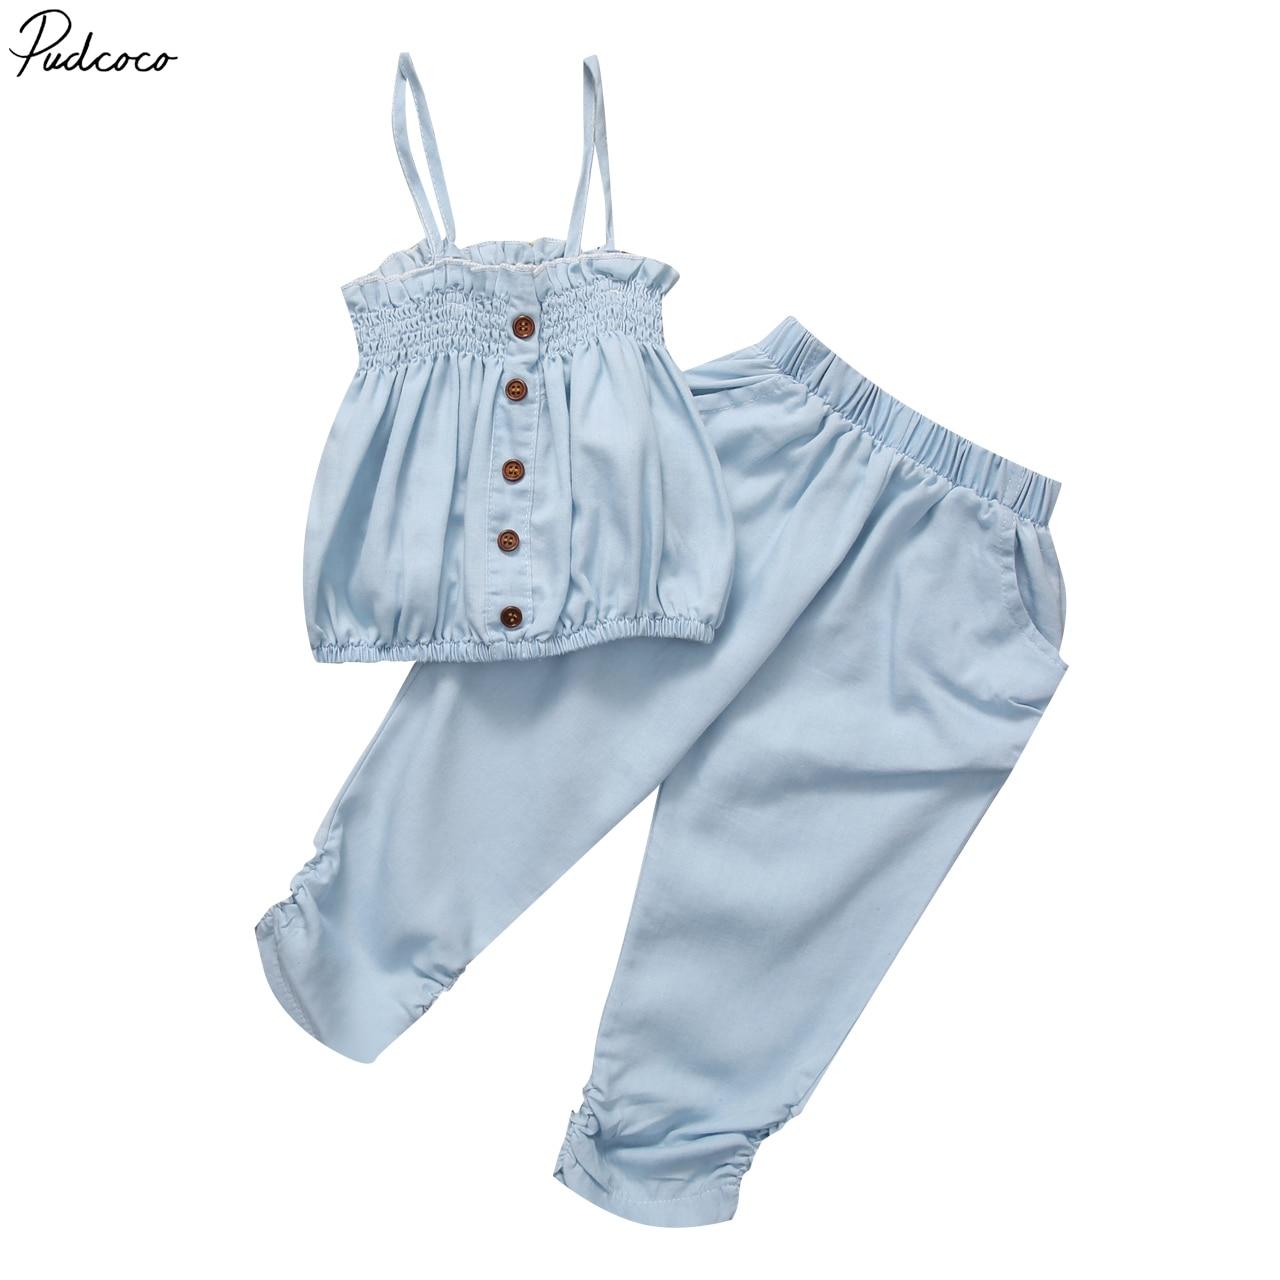 Helen115 Casual barnflicka sommarblå ärmlös fyrkantig krage - Barnkläder